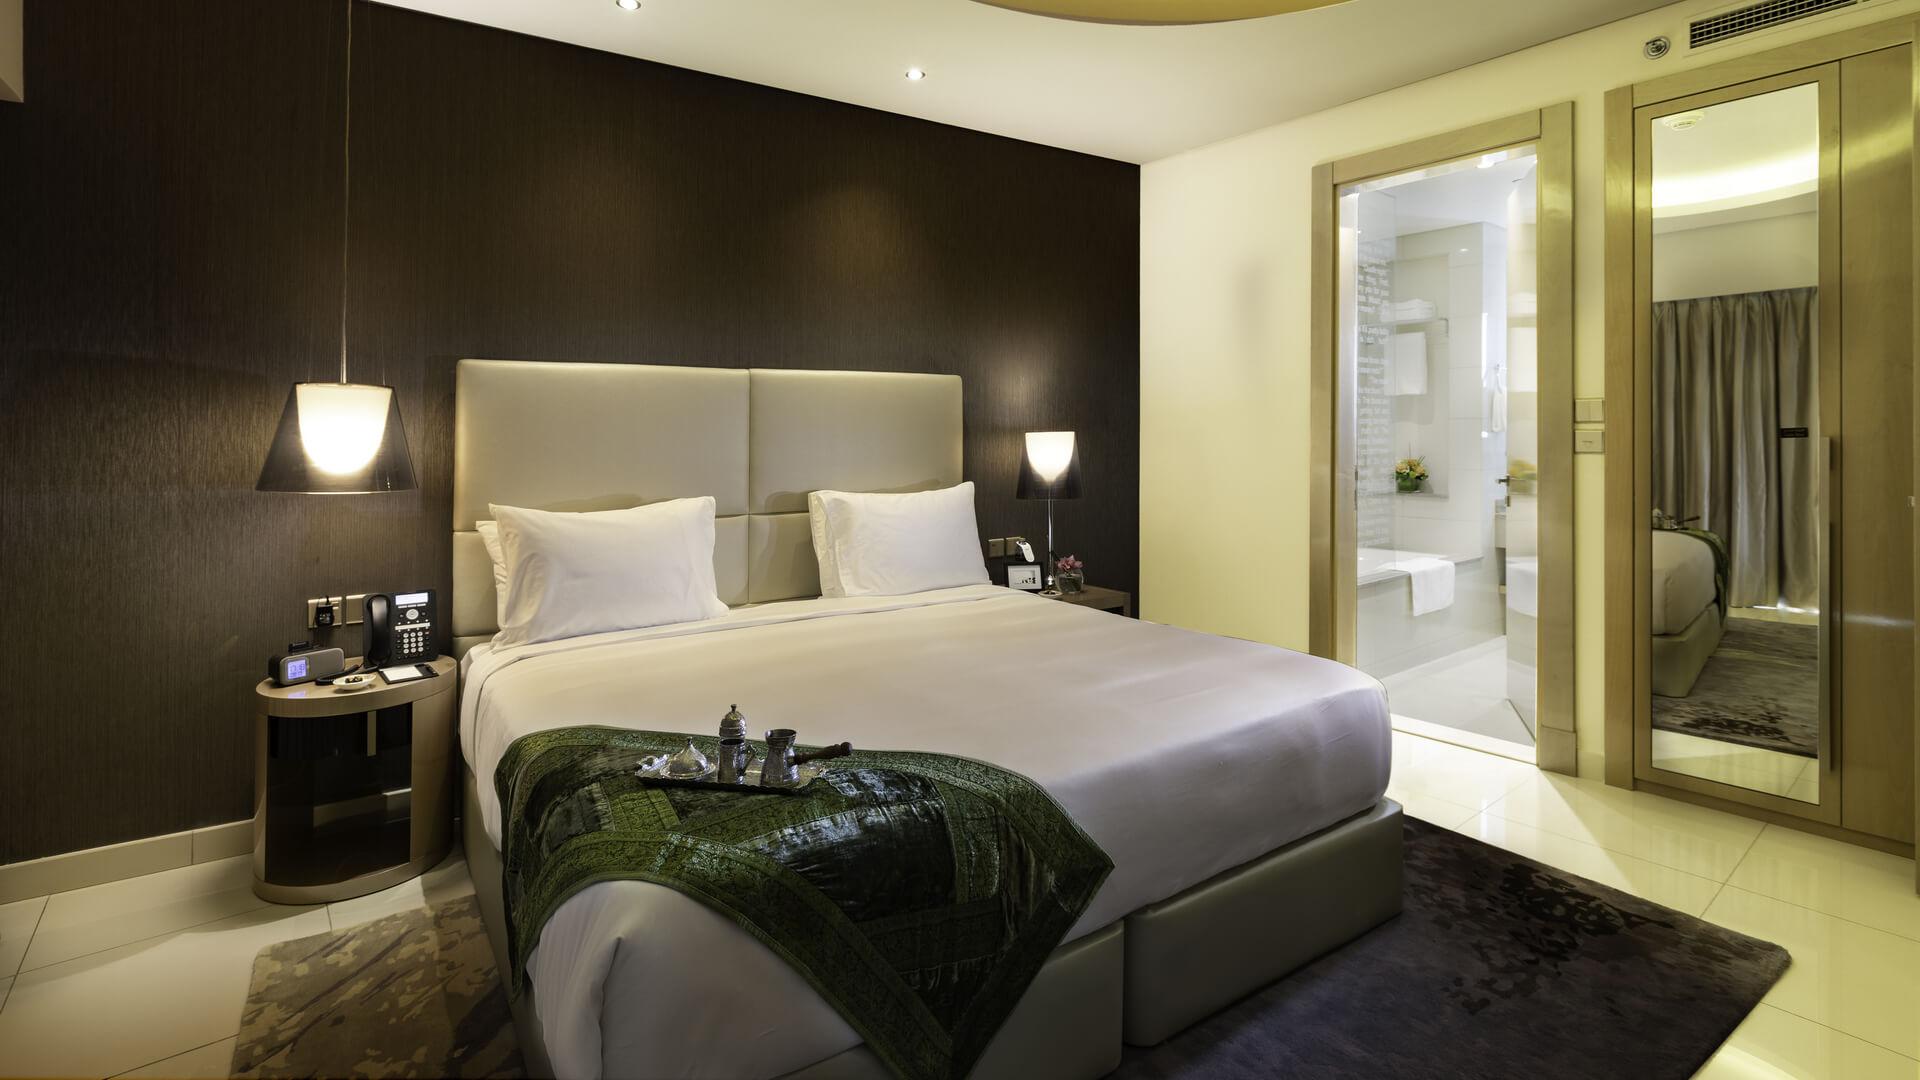 Apartamento en venta en Dubai, EAU, 1 dormitorio, 97 m2, № 24067 – foto 1